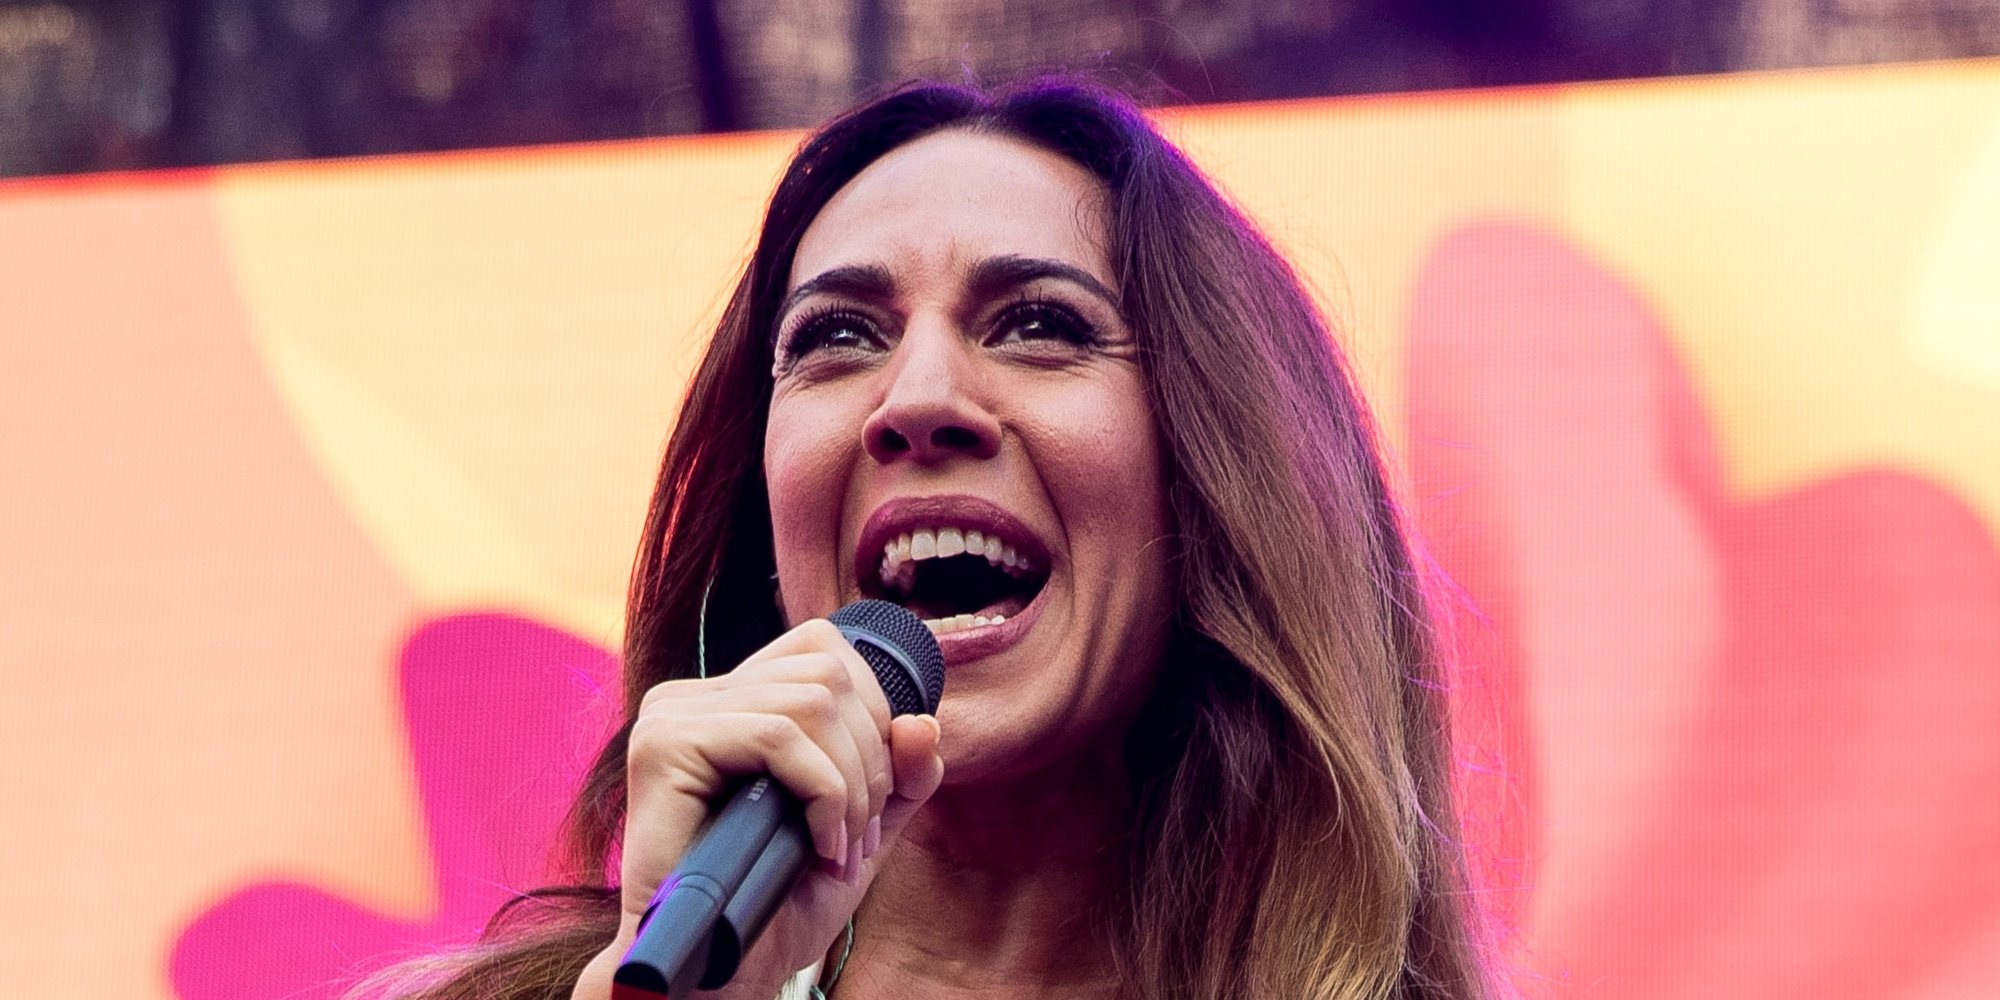 La divertida conexión de Mónica Naranjo desde el Orgullo 2019 con Jorge Javier Vázquez en 'Sábado Deluxe'